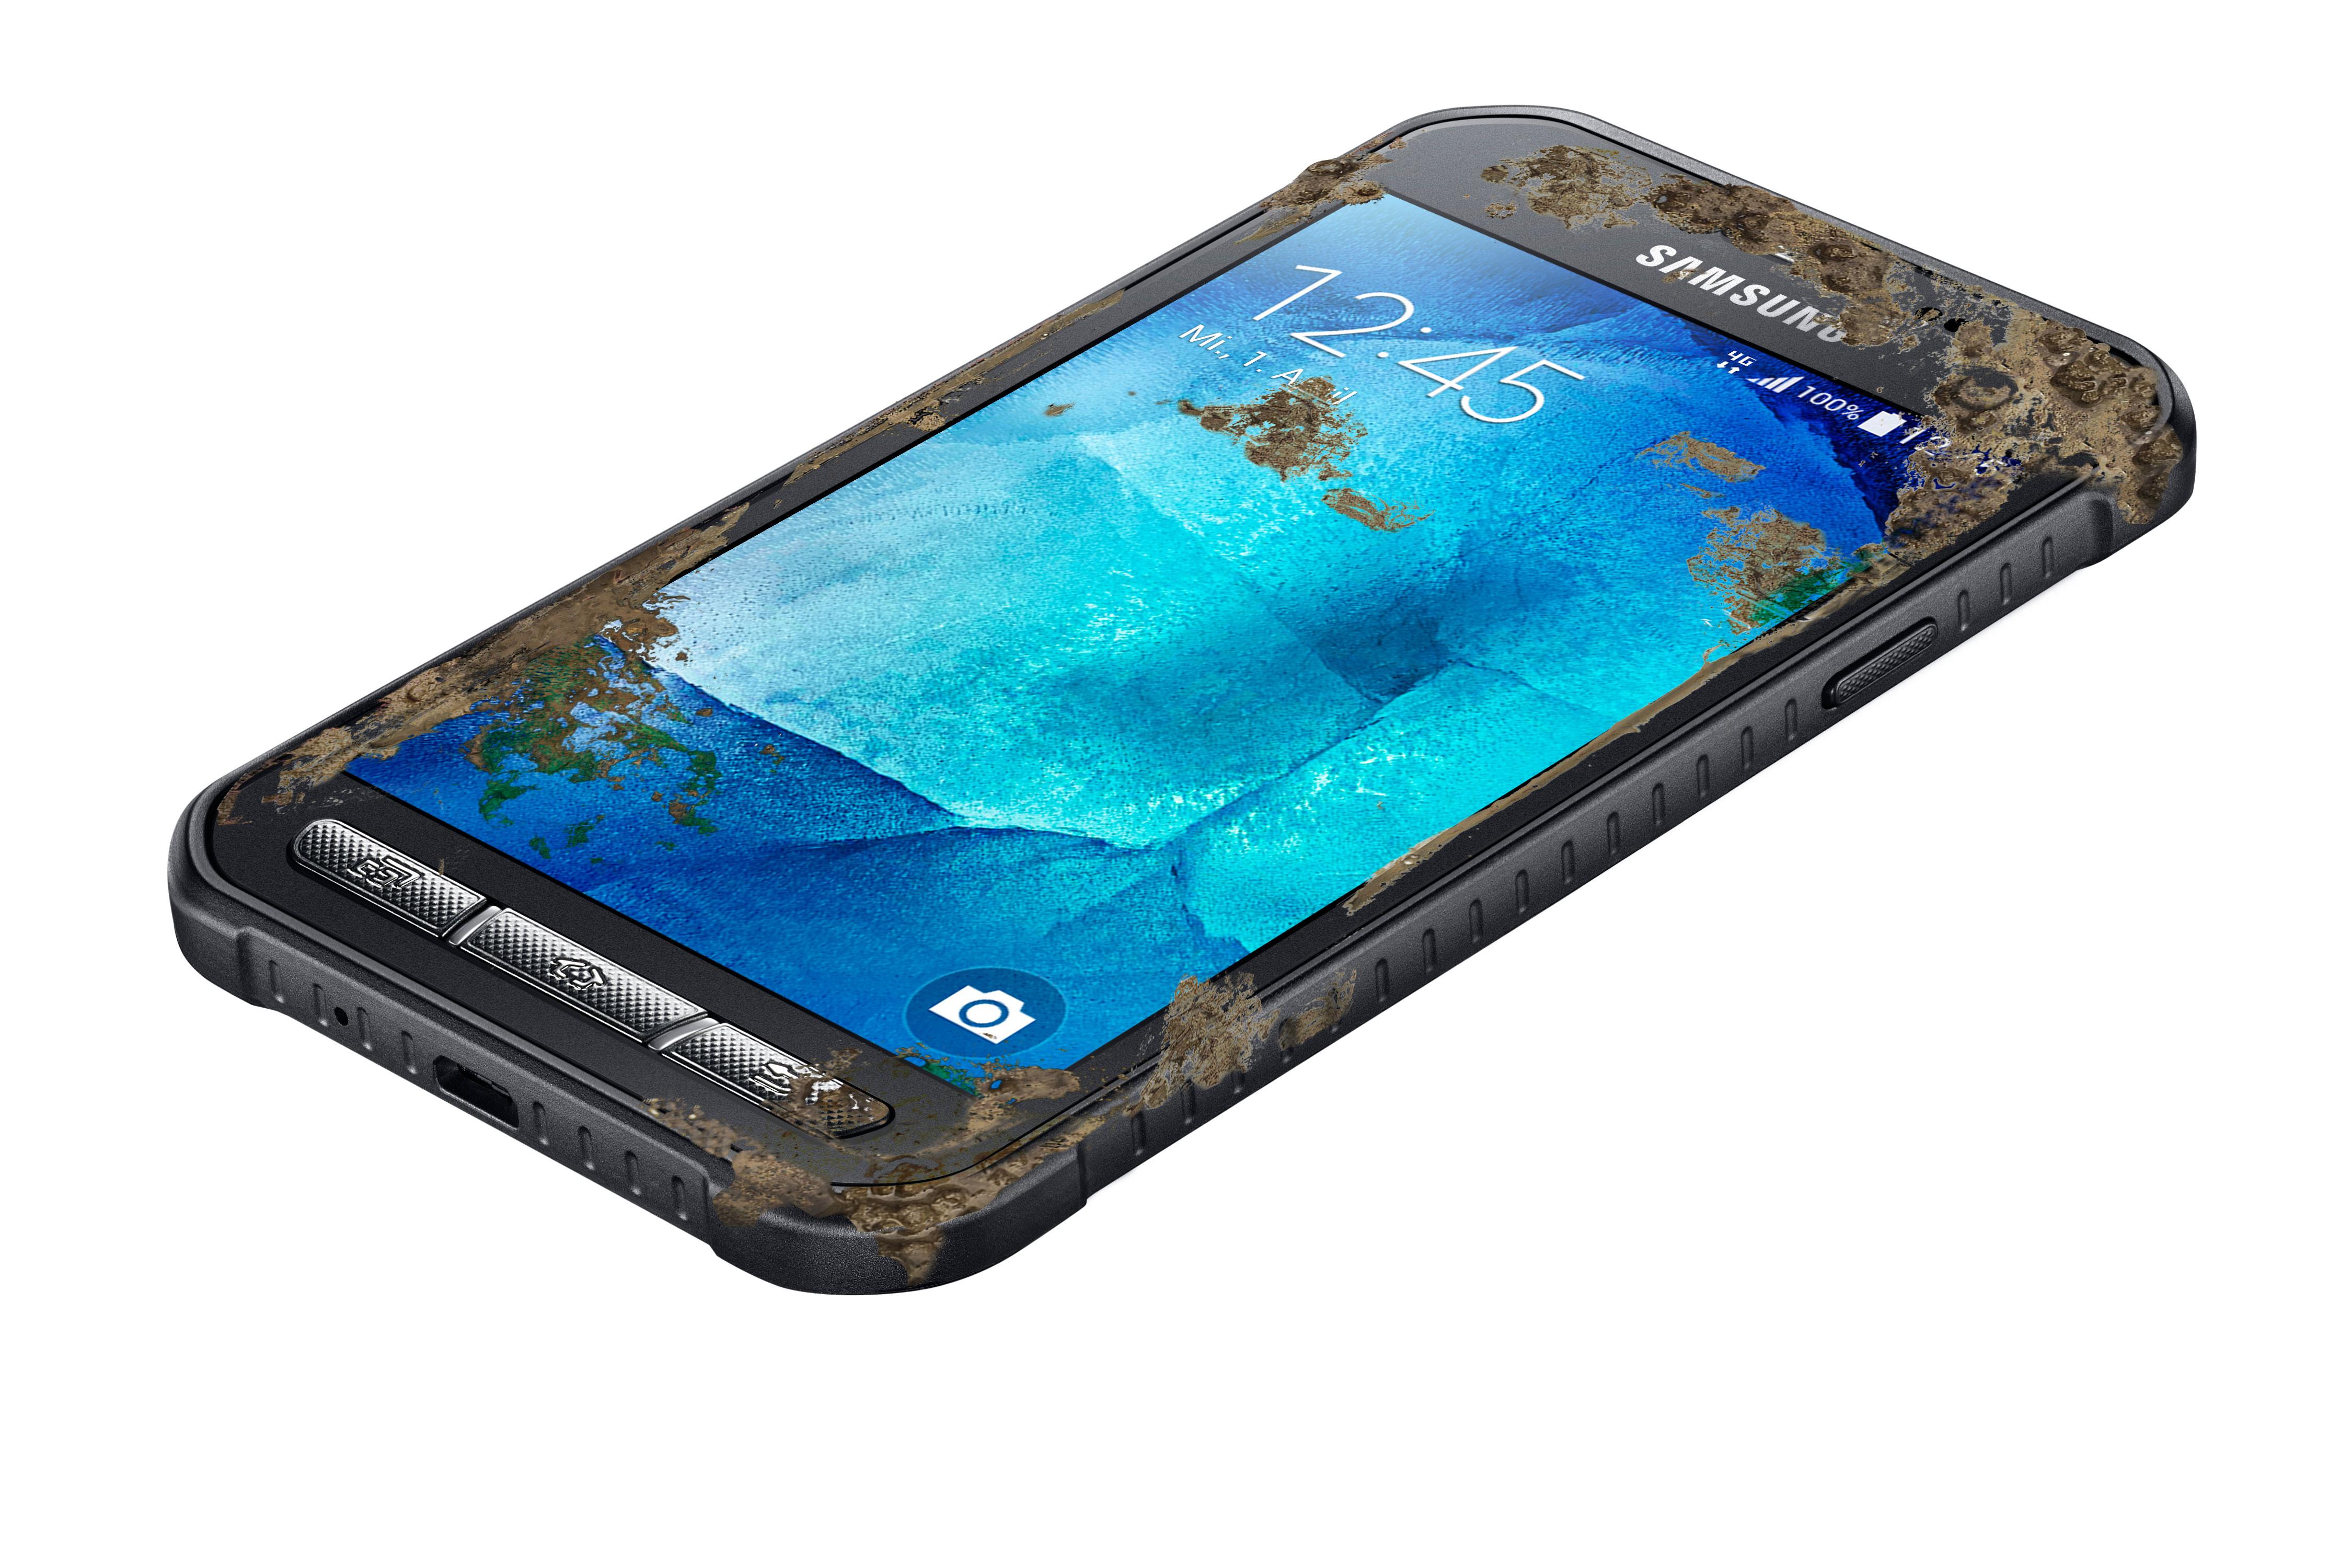 Análisis de los mejores teléfonos móviles todoterreno octubre 2018, resistentes a caídas, golpes y agua